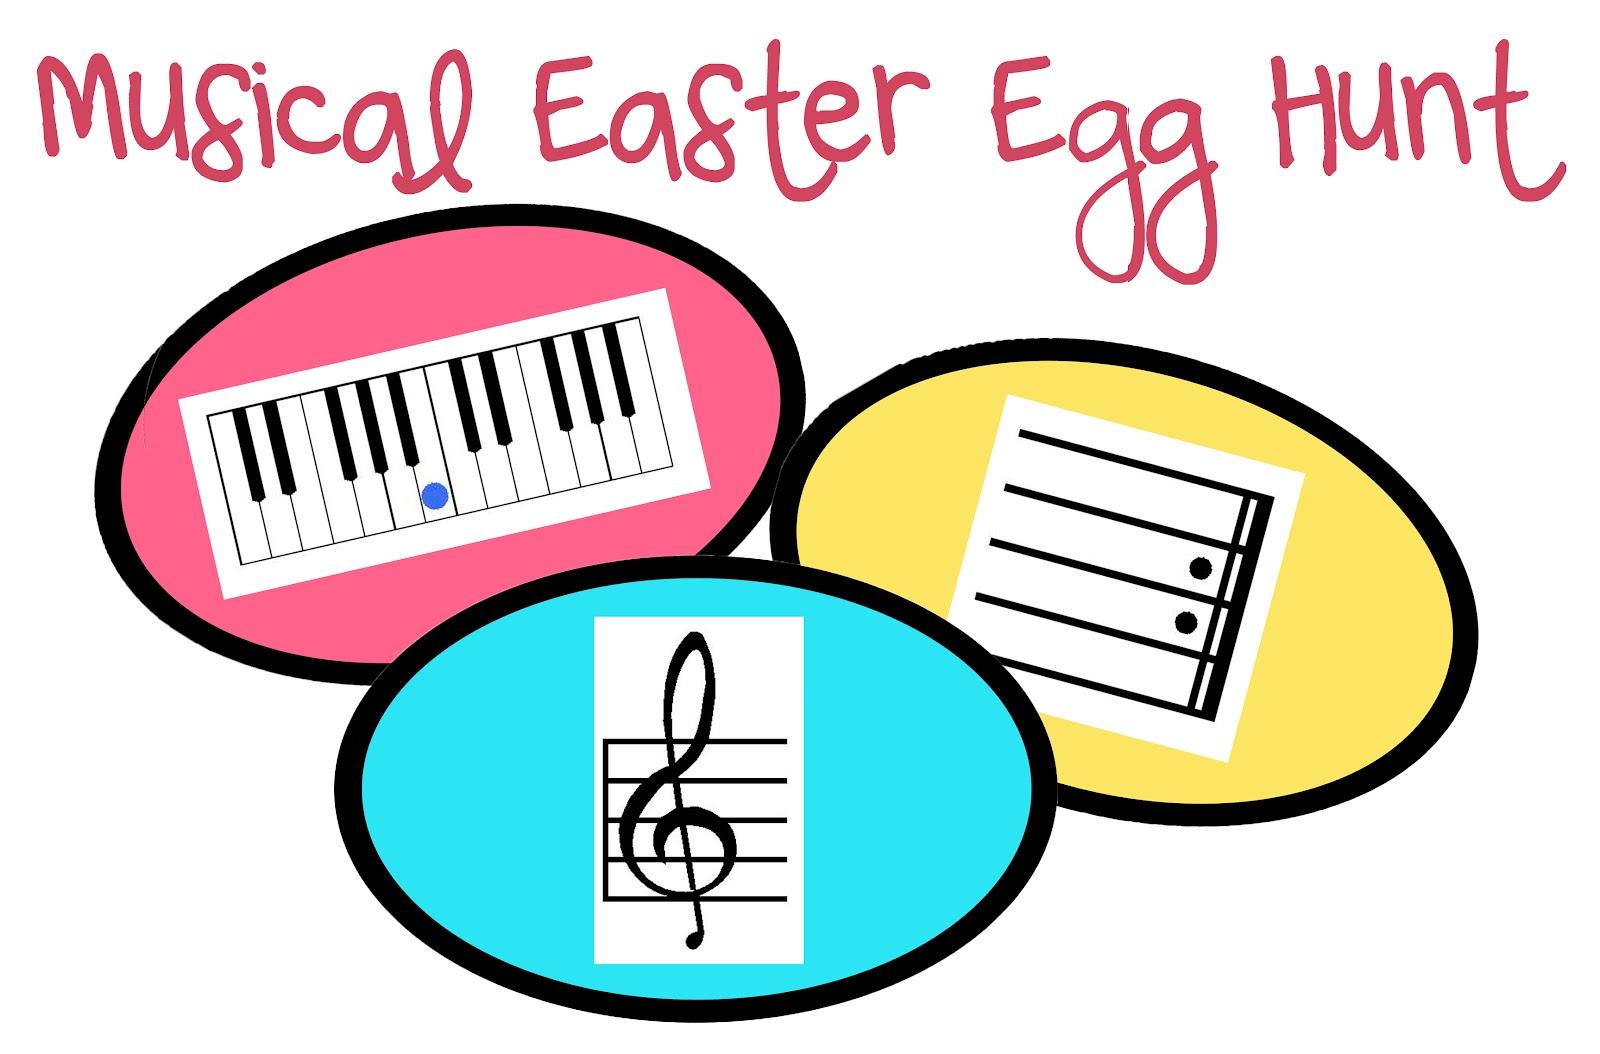 The Teaching Studio New Printable Musical Easter Egg Hunt